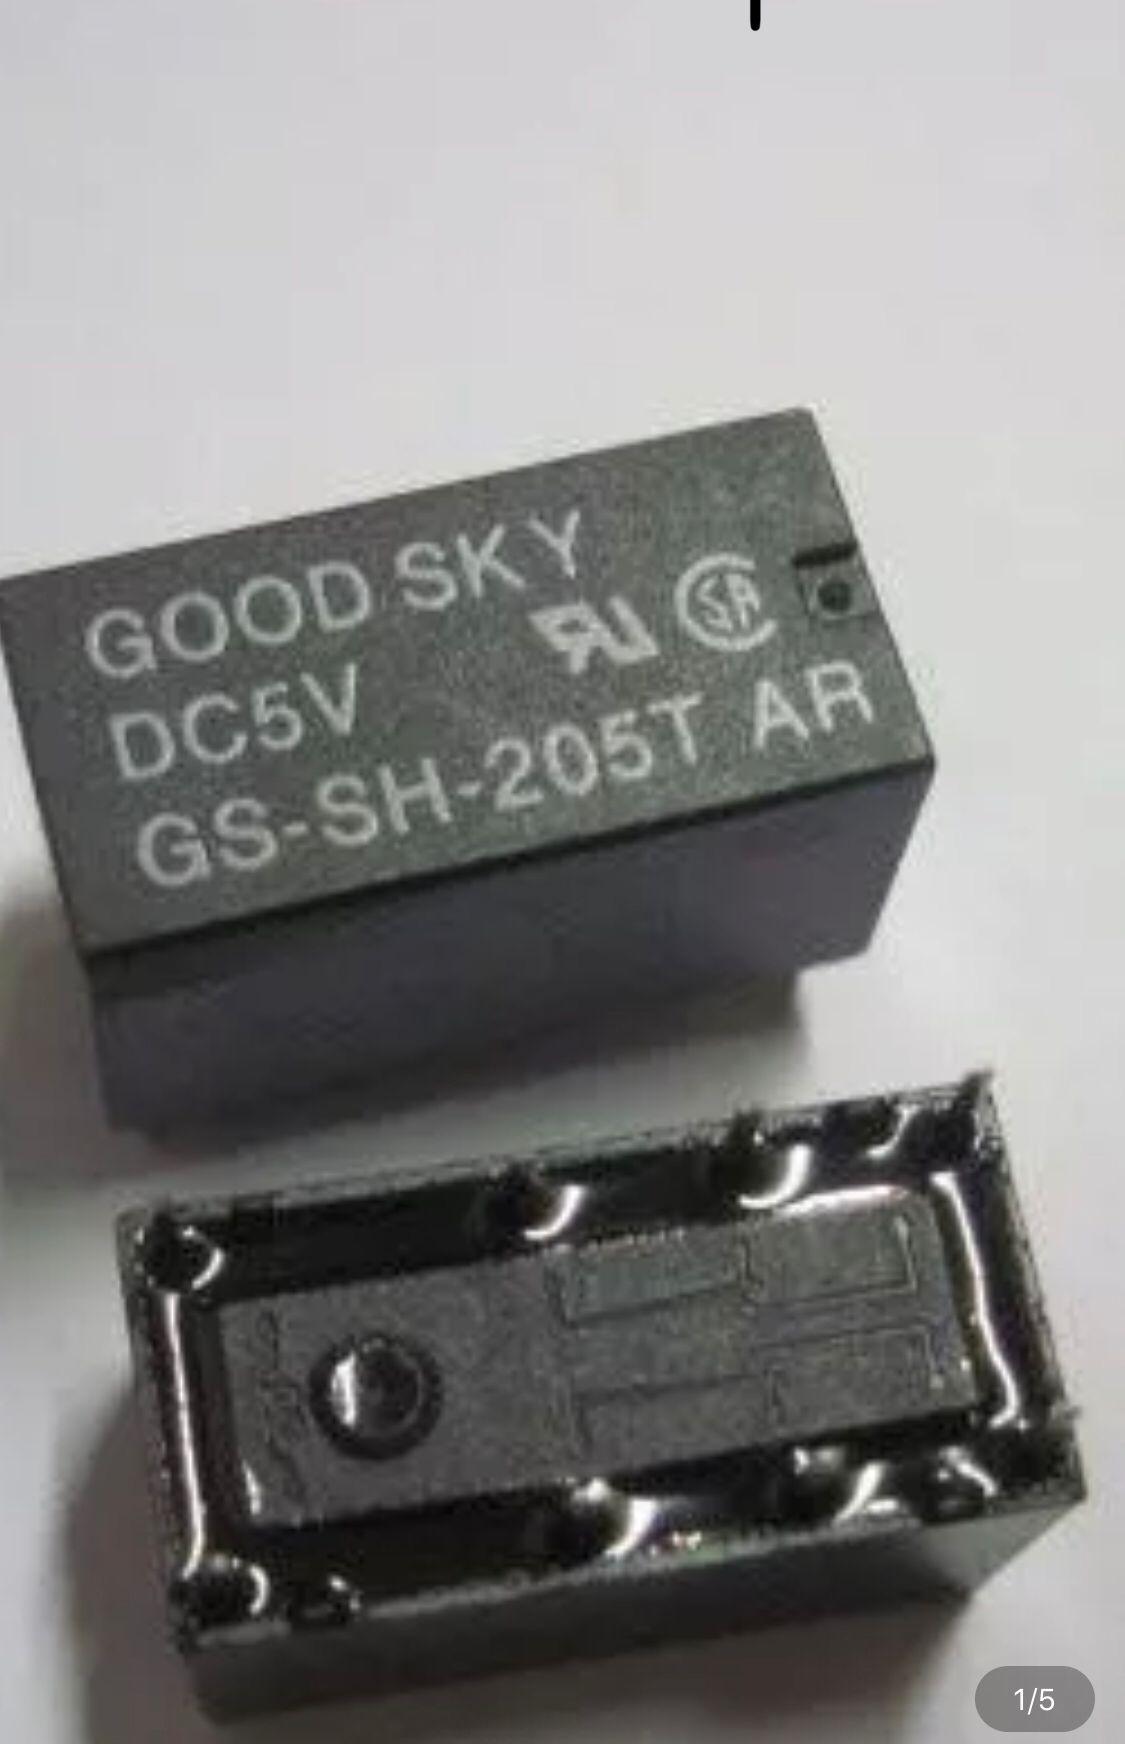 GS-SH-205T